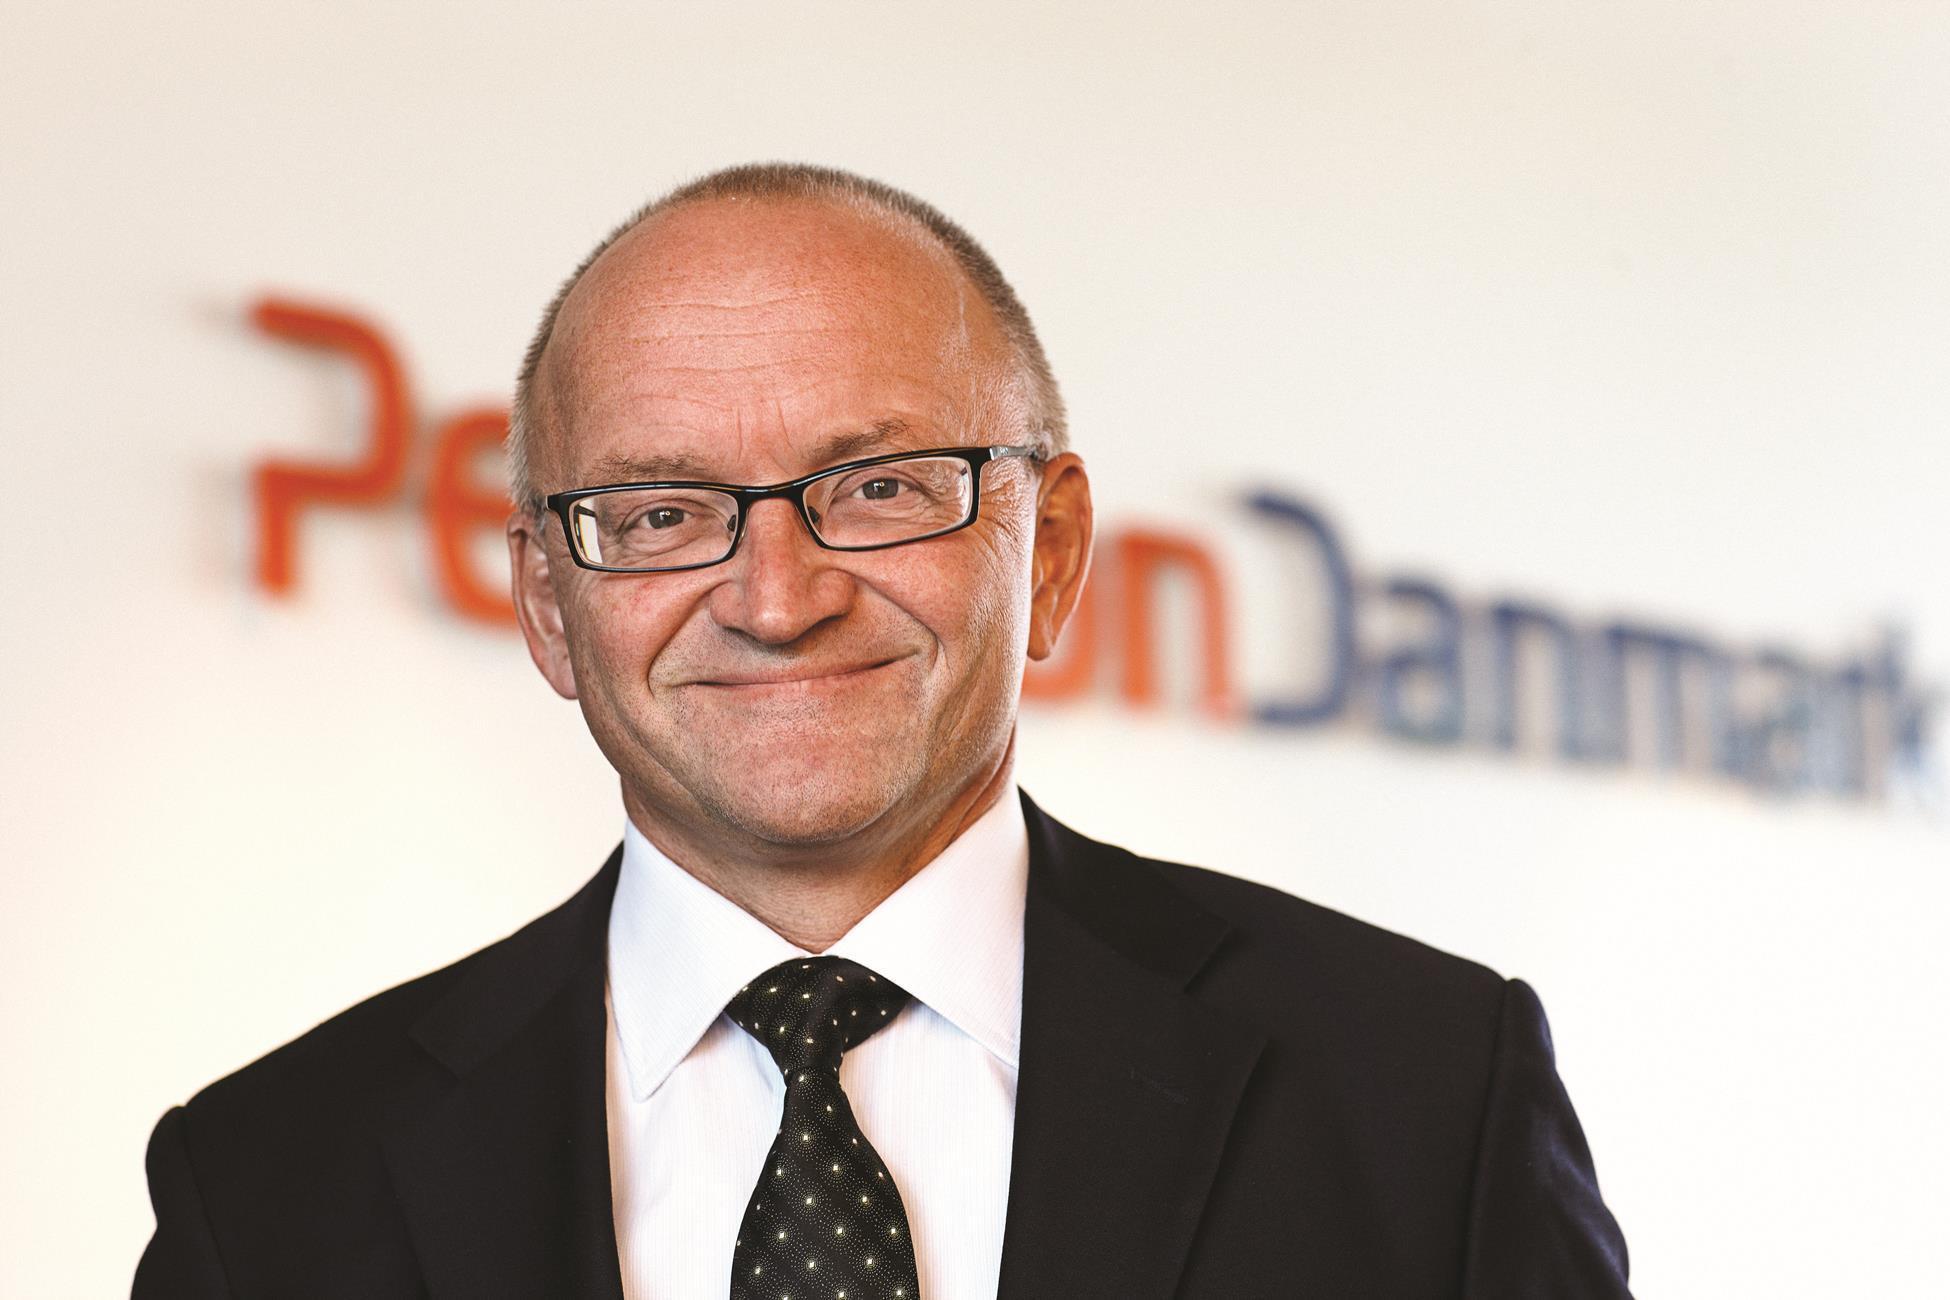 Torben Möger Pedersen, CEO, PensionDanmark